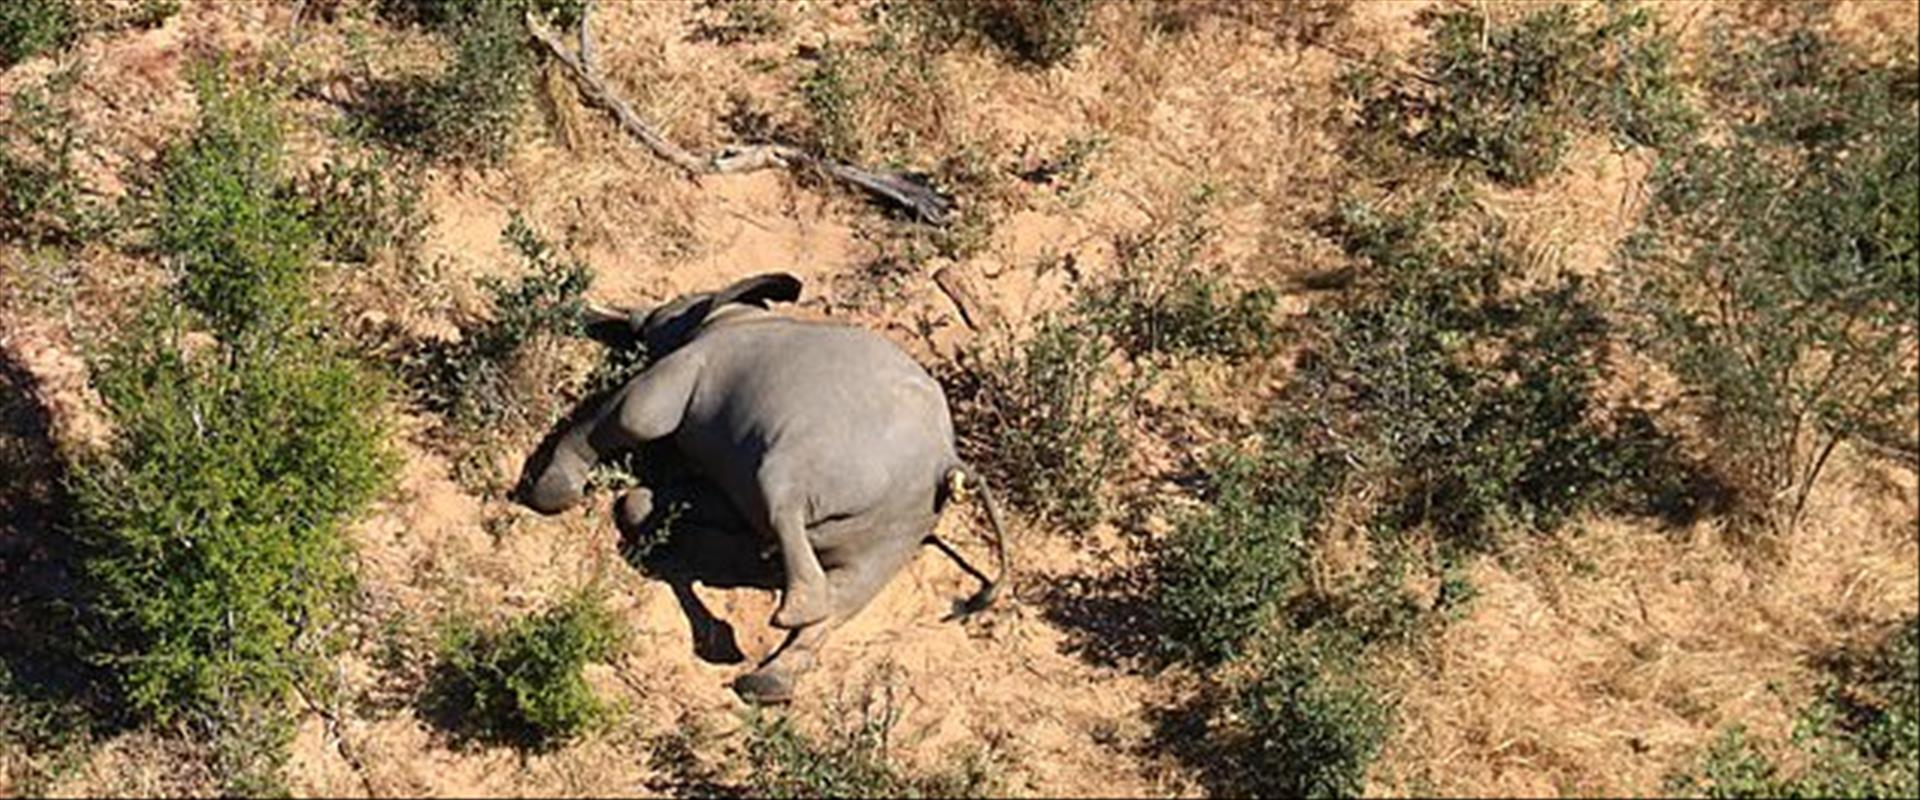 פיל שמת בבוטסואנה